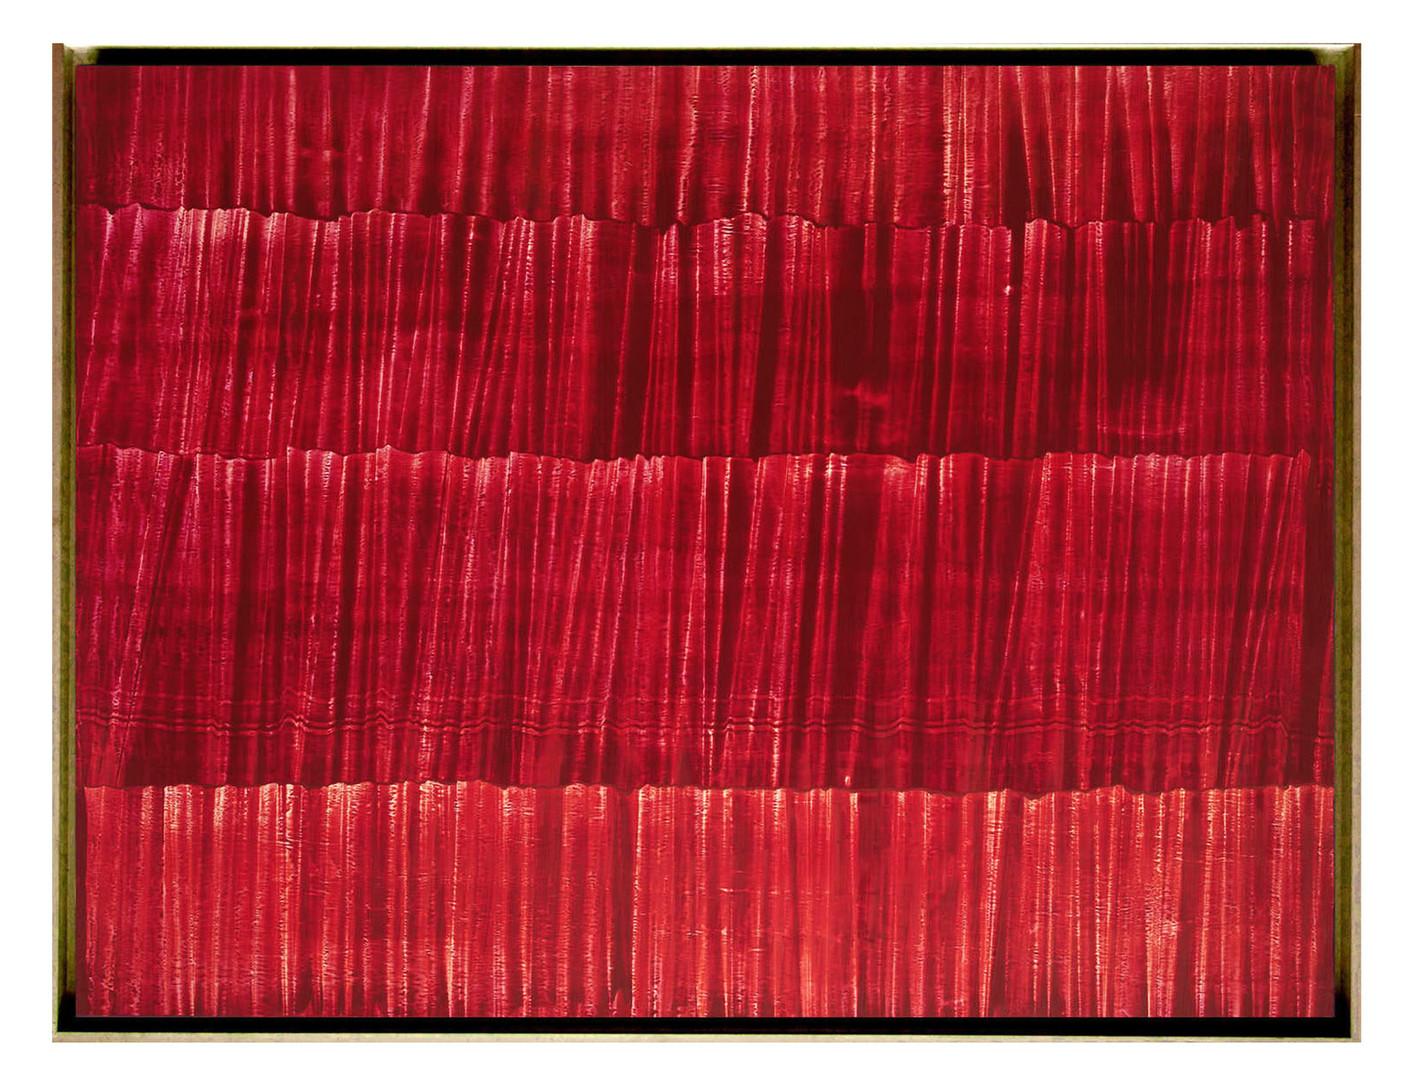 cqfd9. Format: 130 x 97 cm - Peinture laque  - TTSCPA